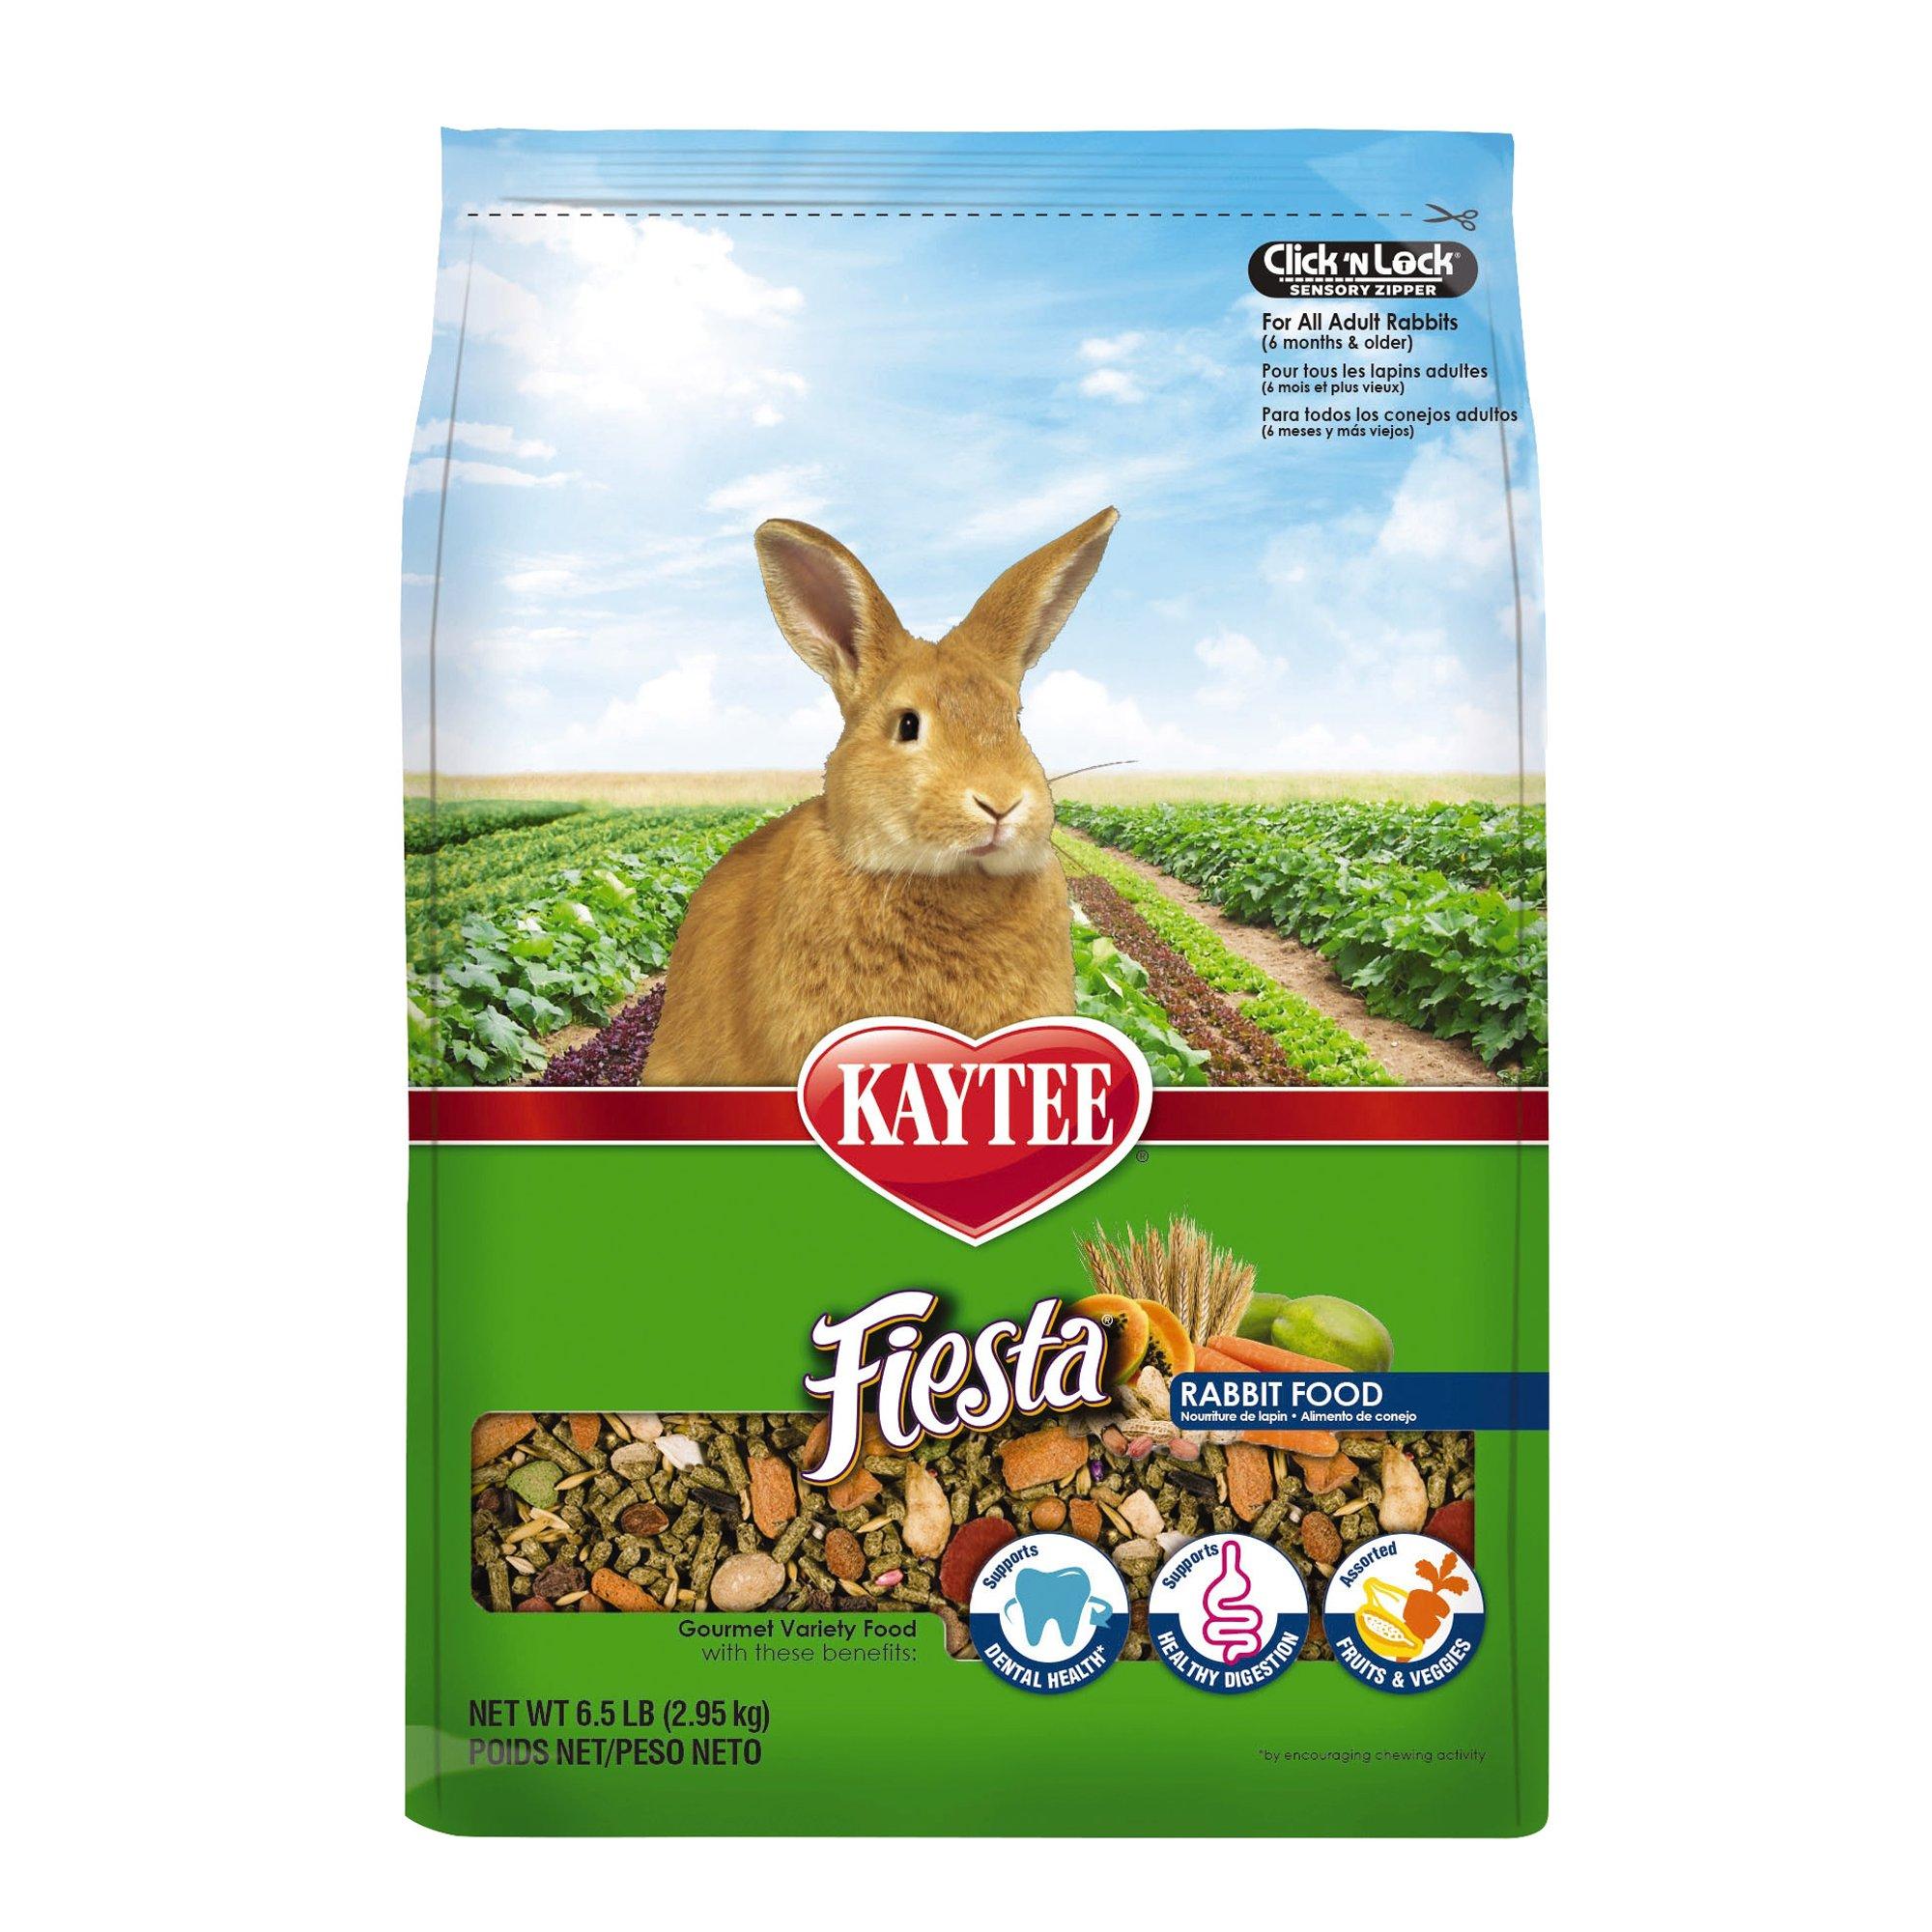 Kaytee Fiesta Food for Rabbits